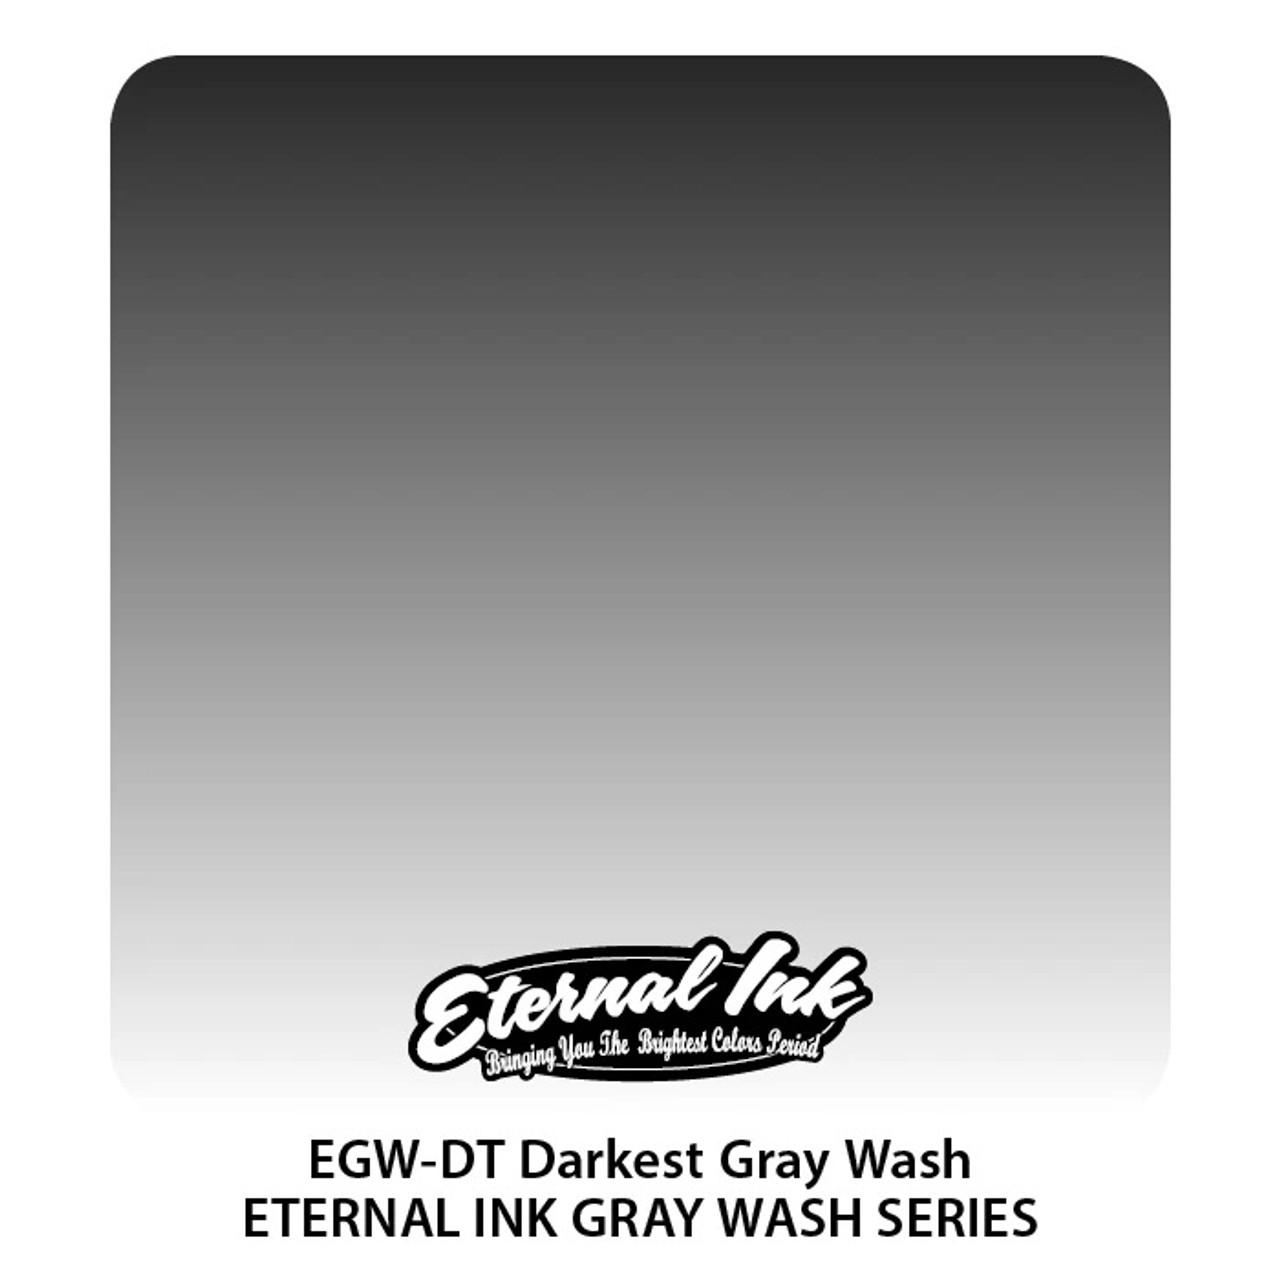 Eternal Ink Darkest Gray Wash - Series, 1oz.